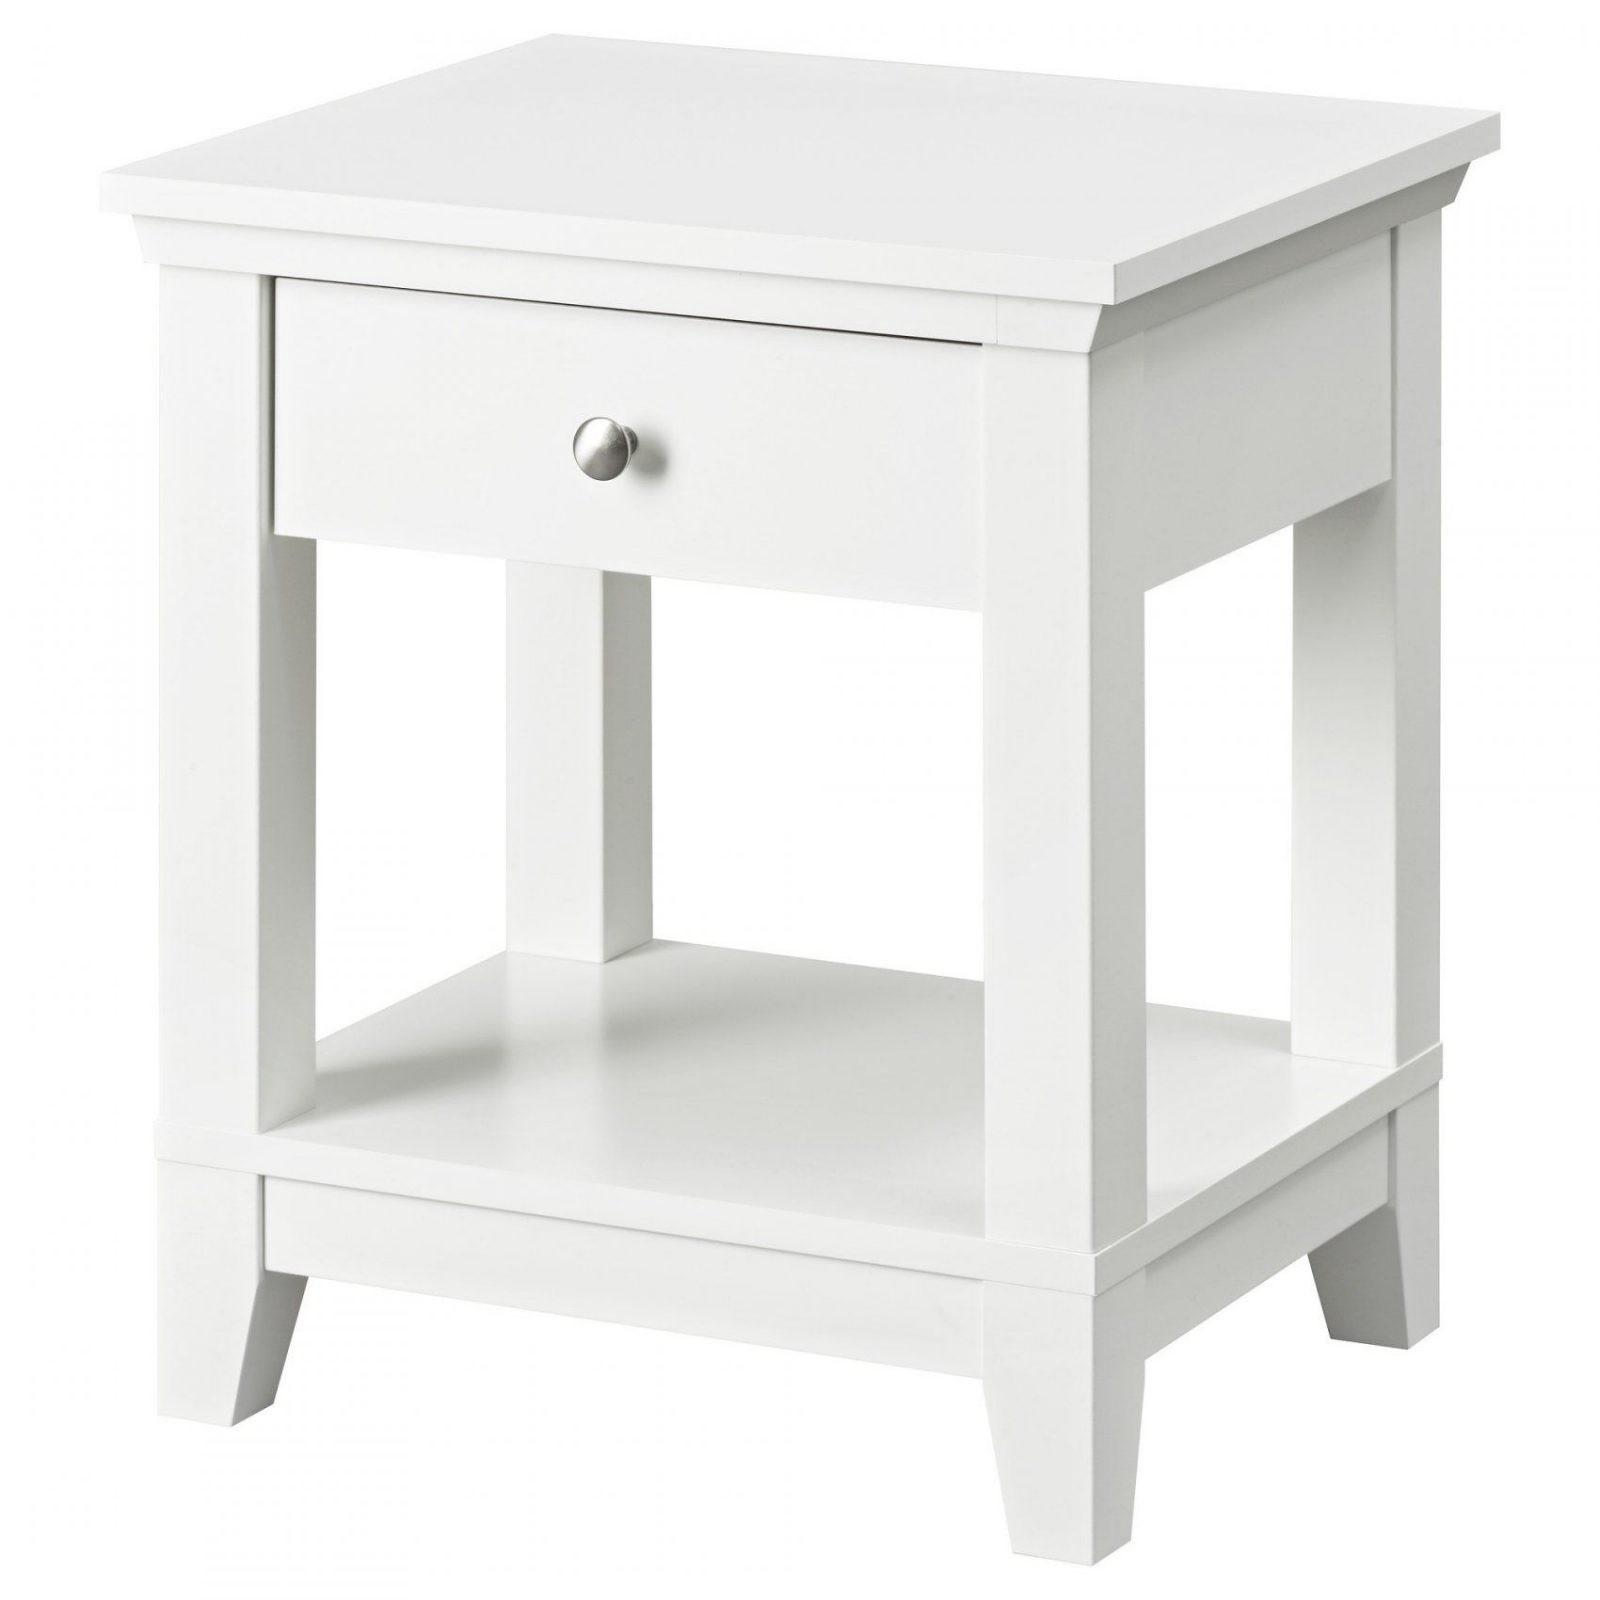 Best Of Nachttisch Weis Gunstig Hochglanz Weiss Holz Schwarz Design von Nachttisch Weiß Hochglanz Ikea Photo